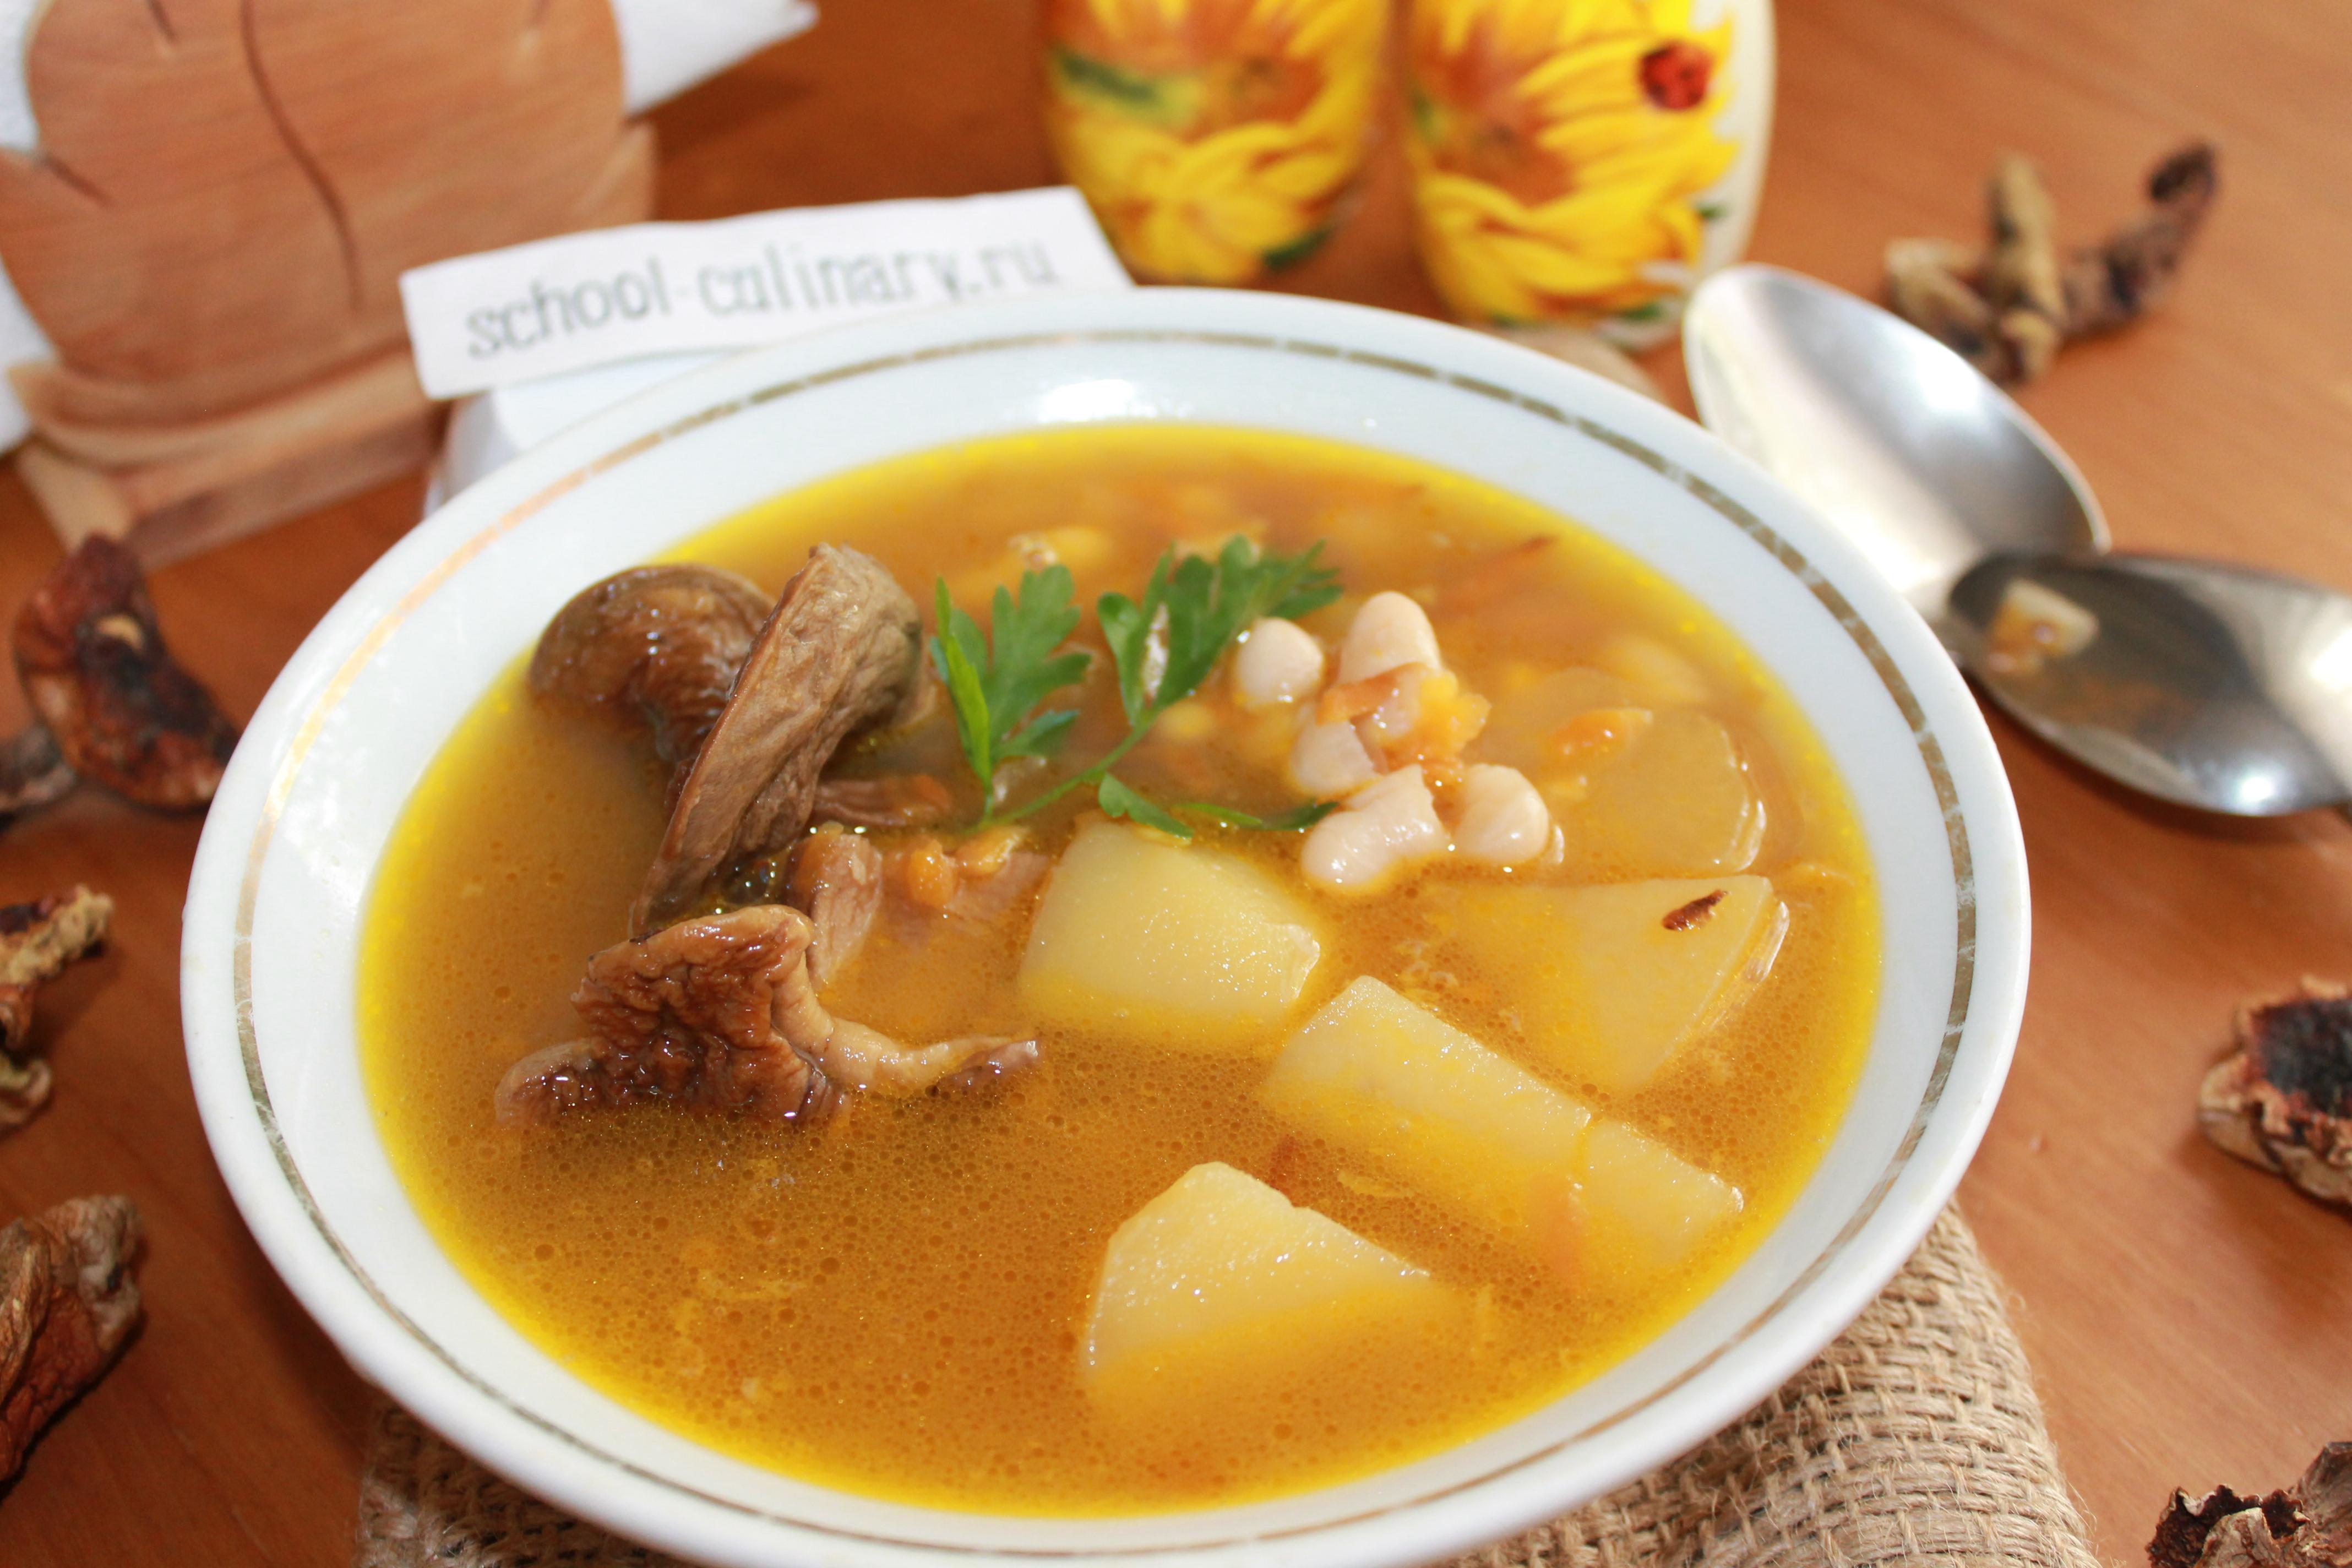 Суп фасолевый с сушеными грибами, картофелем, морковью, репчатым луком и специями